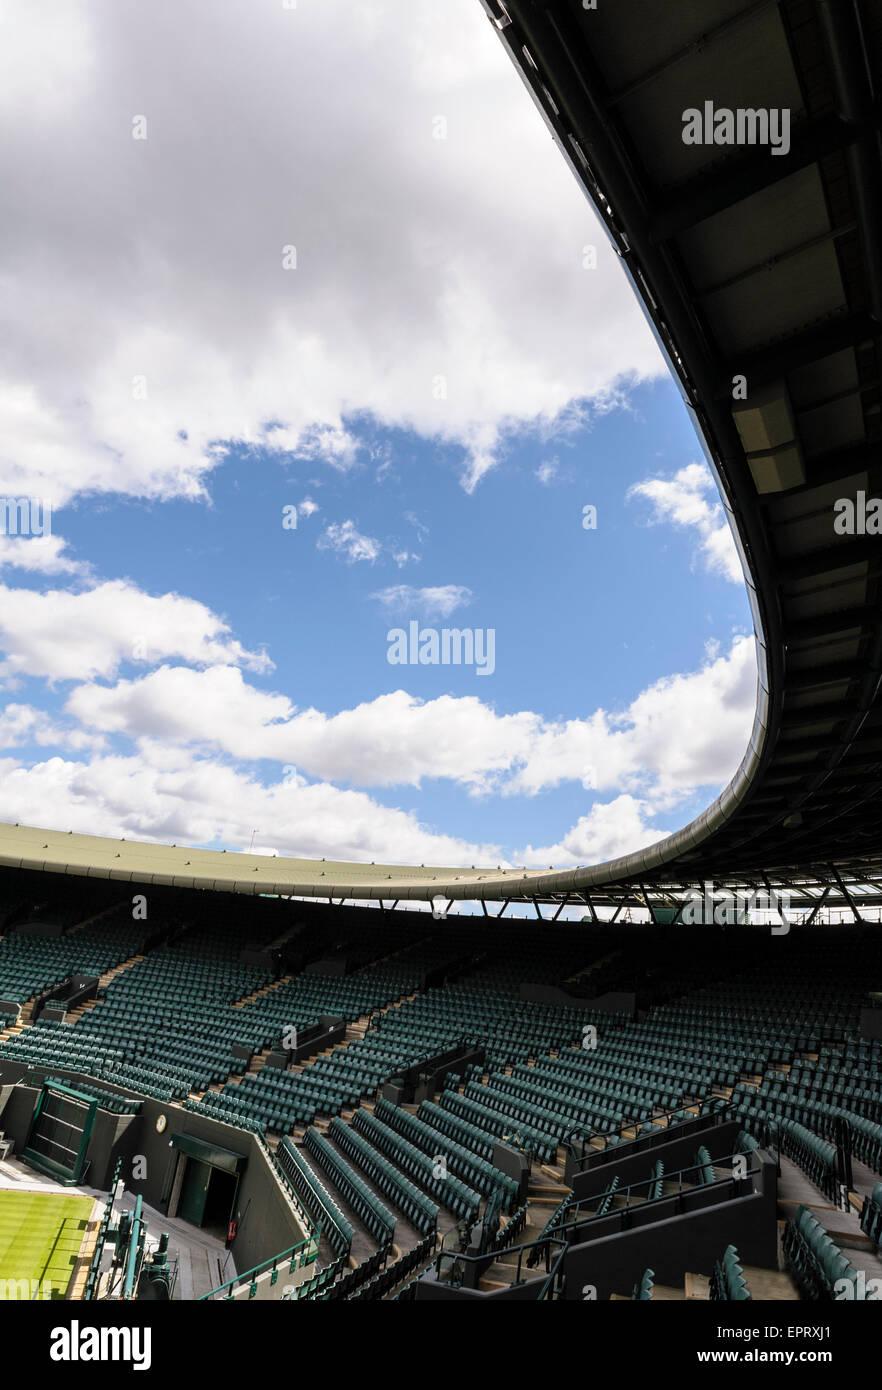 Corte número uno, el Torneo de Tenis de Wimbledon. Vacío, antes del comienzo de la competición anual Imagen De Stock